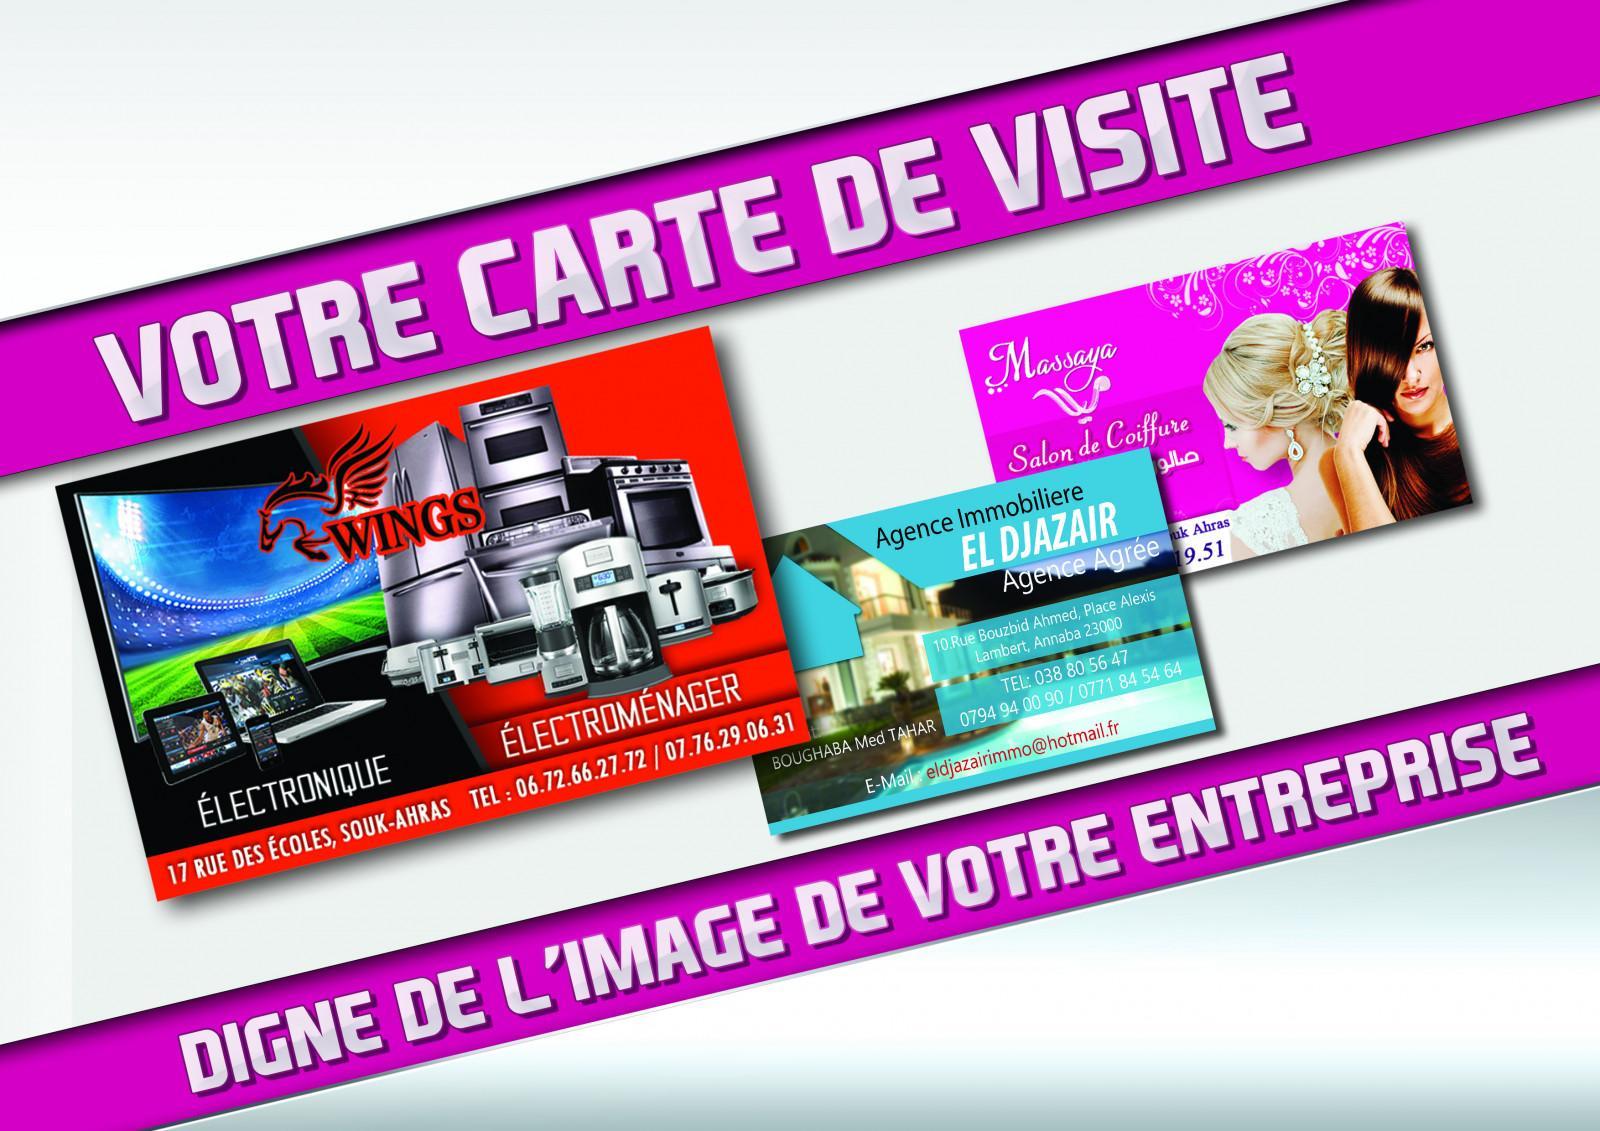 Je Vais Crer Votre Carte De Visite Sur Mesure Pour 5 EUR